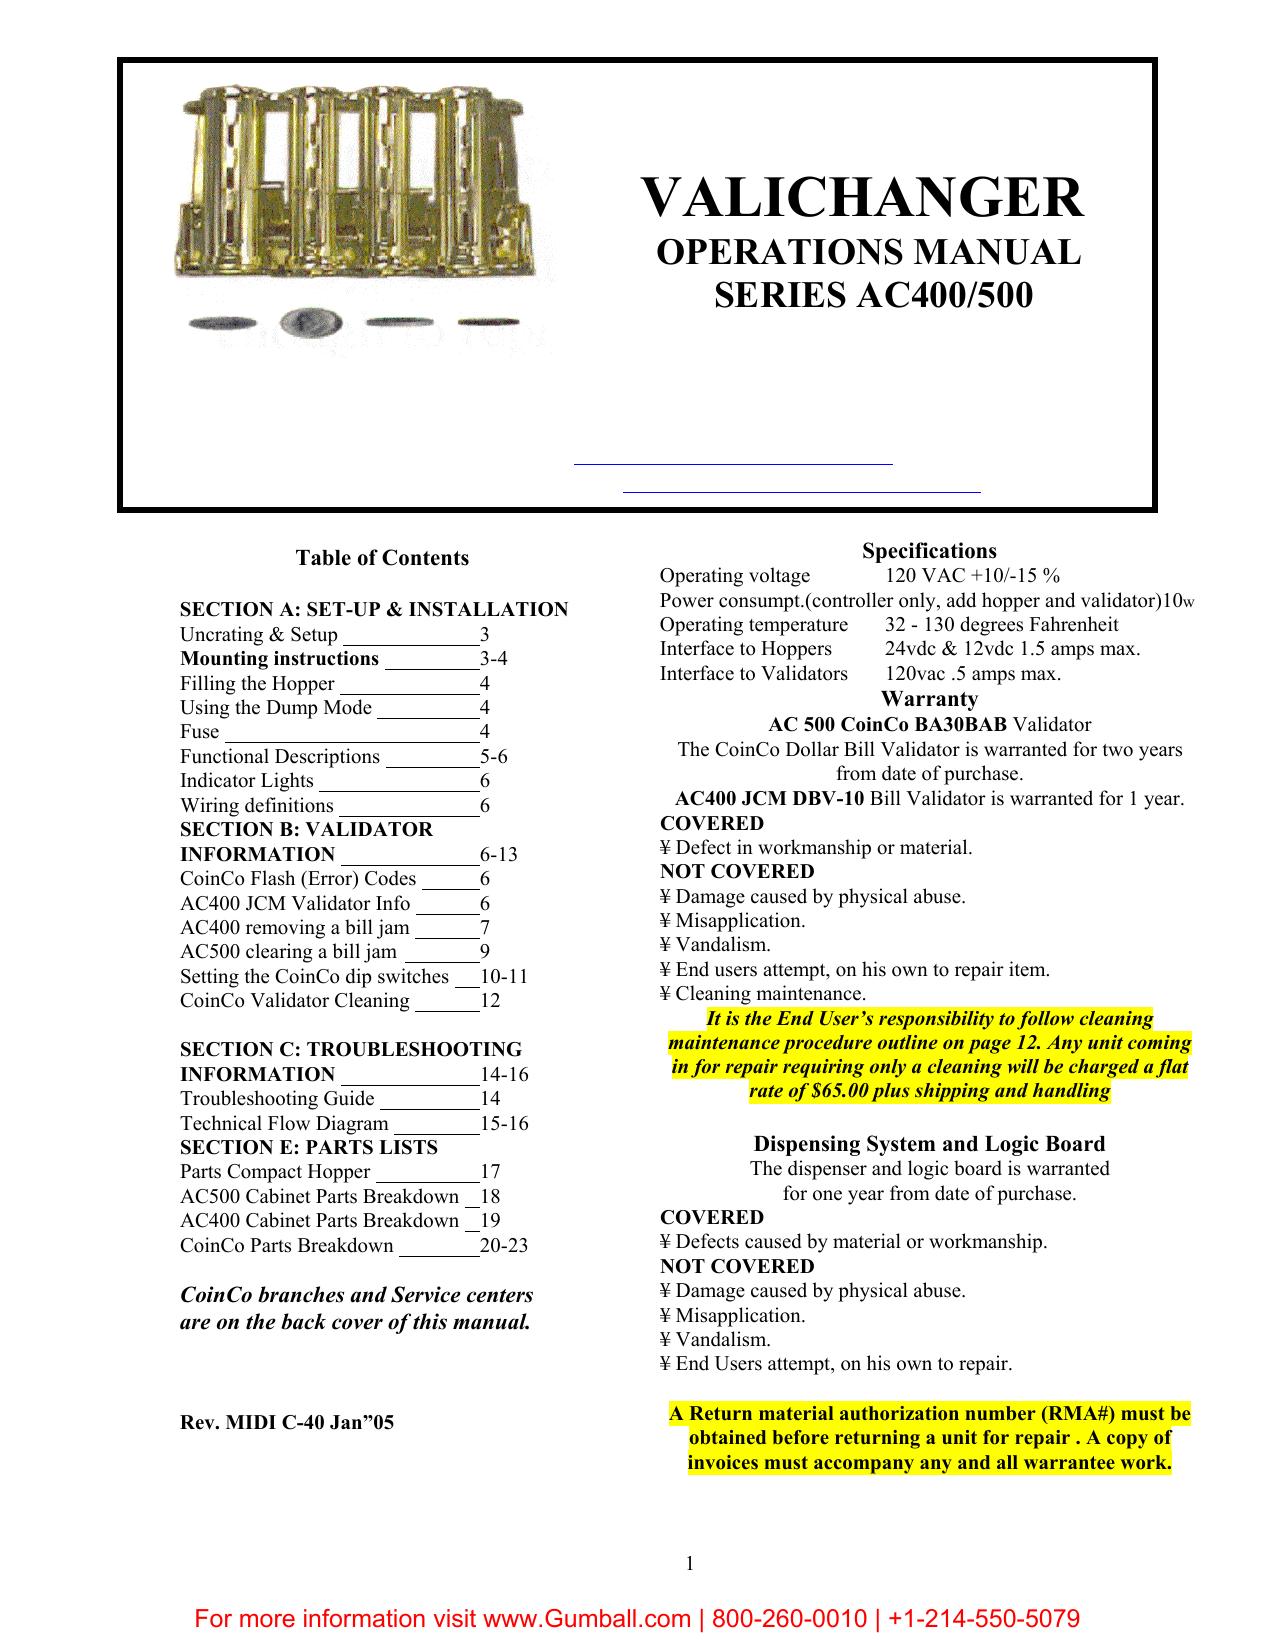 AC400 Instruction Manual | manualzz com